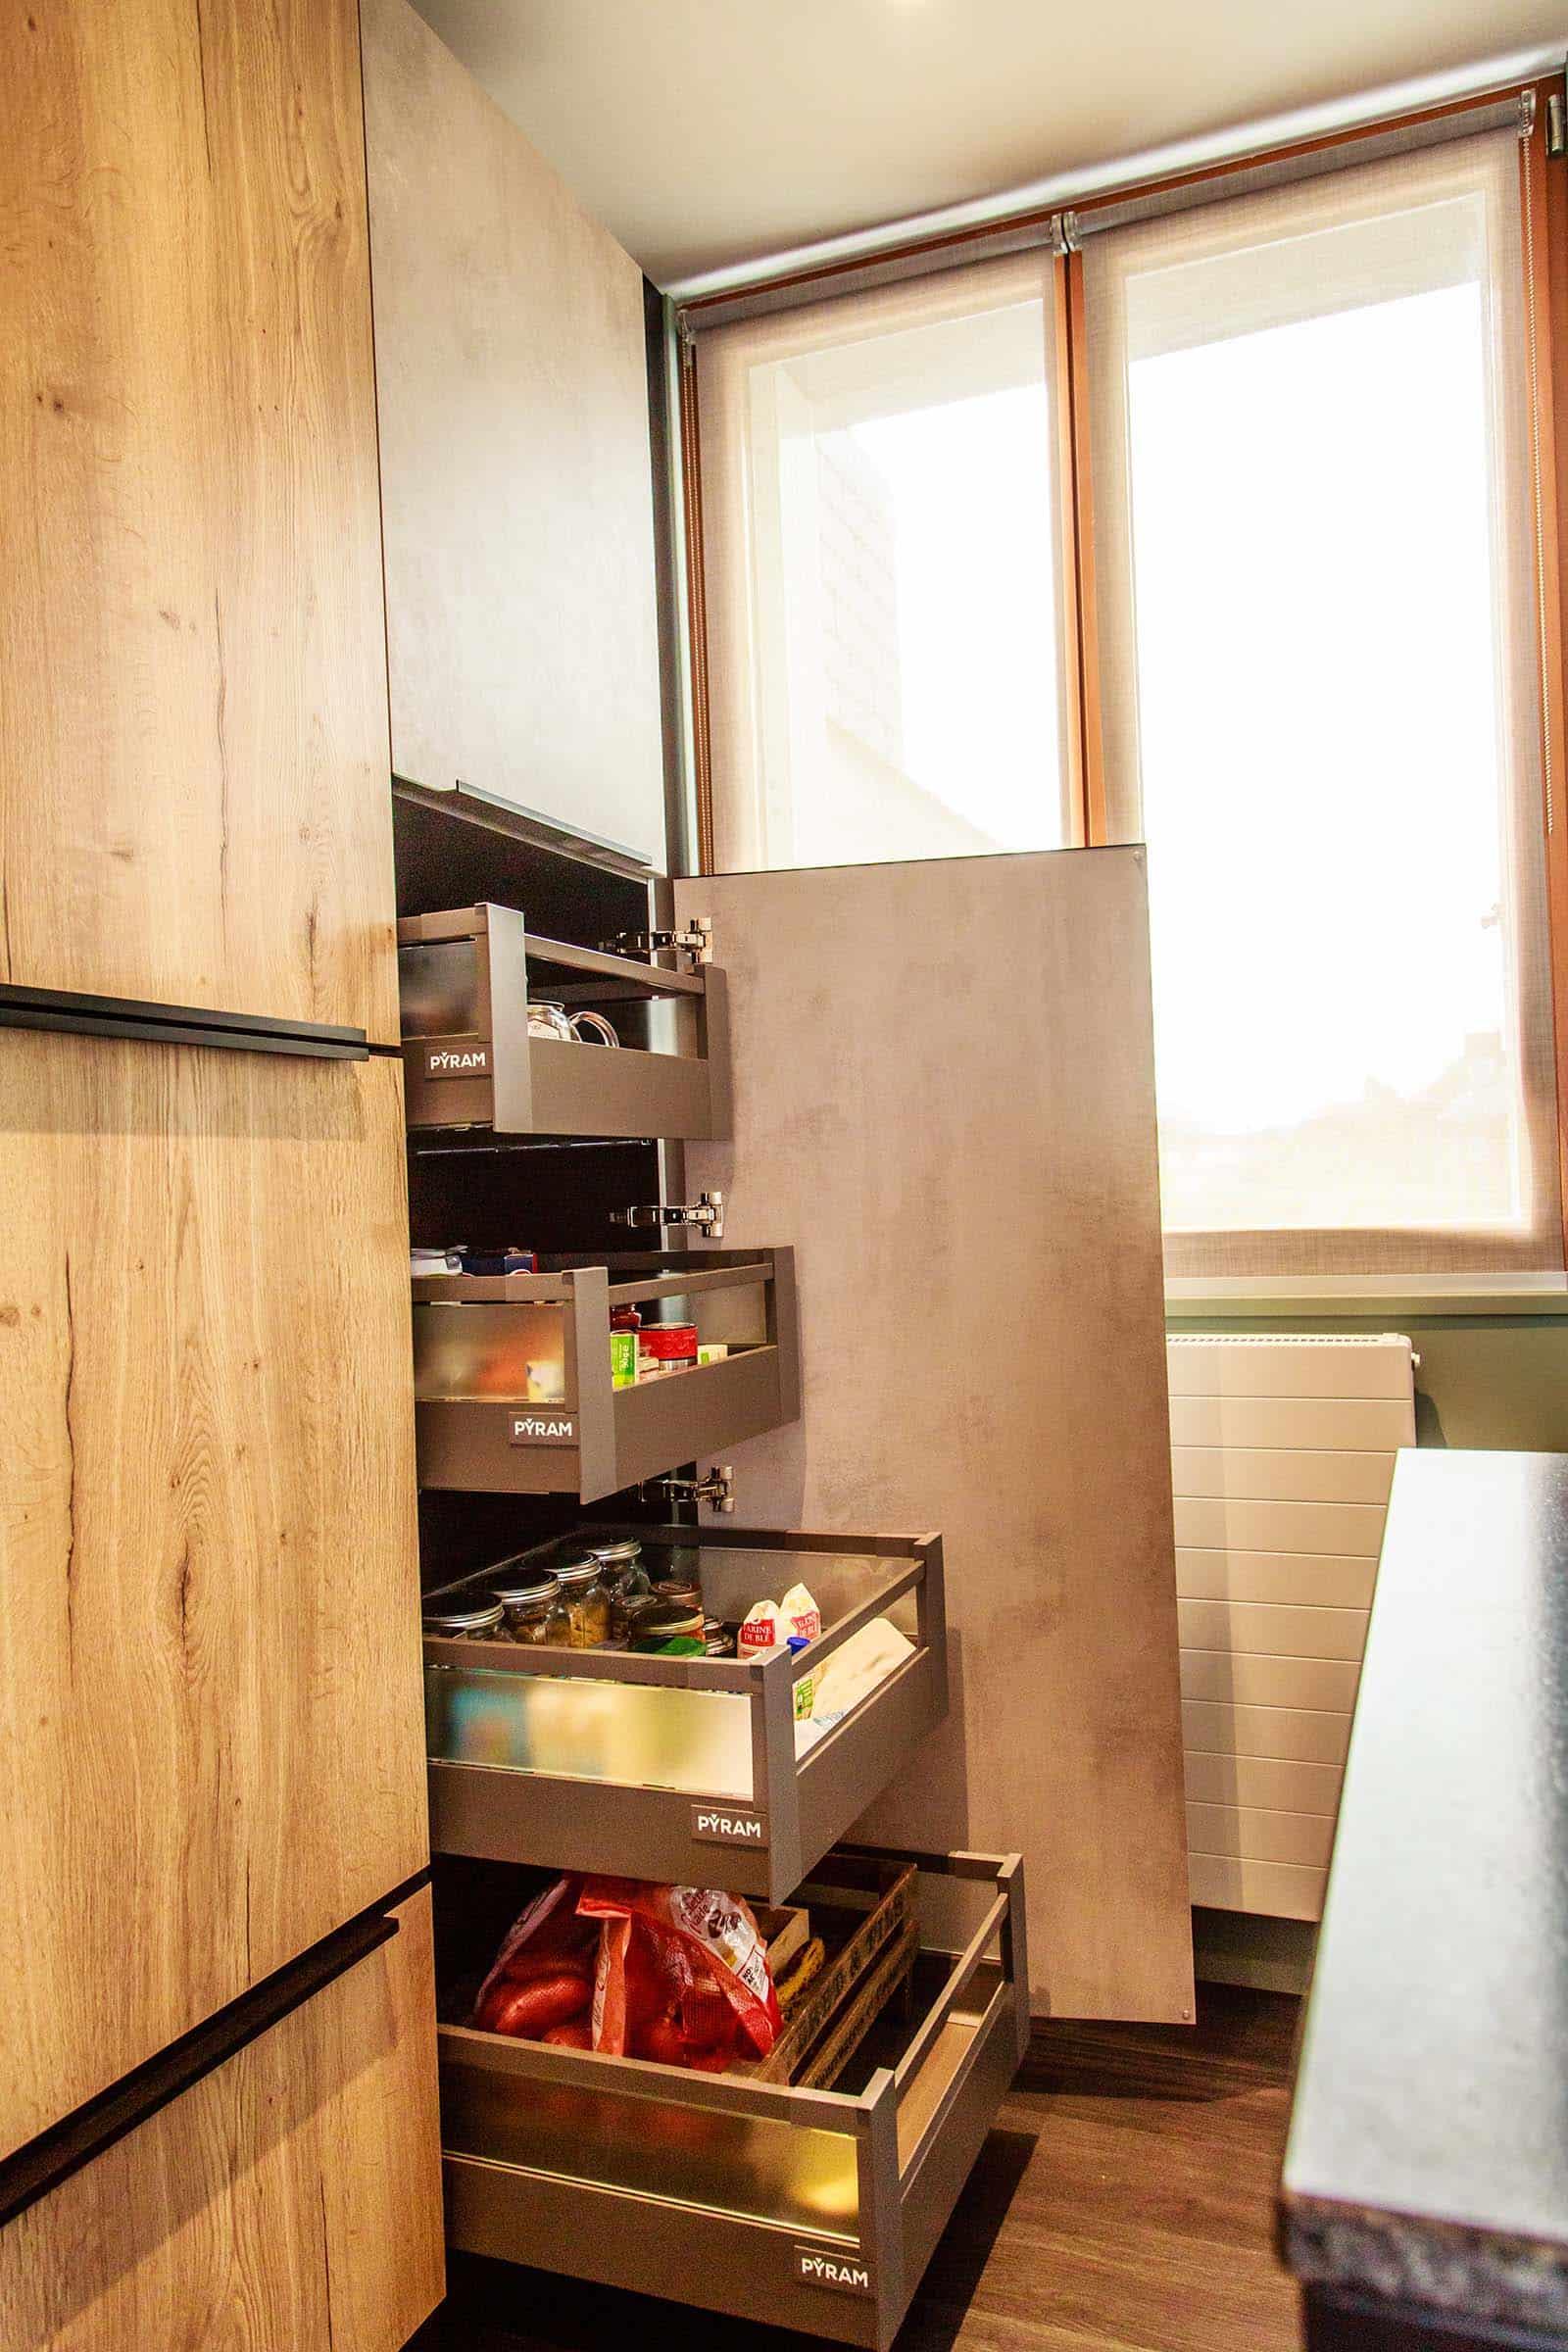 Artisan Cuisiniste La Baule Guerande Cuisine sur mesure Amenagement et agencement interieur 21 - INTRAMUROS ®